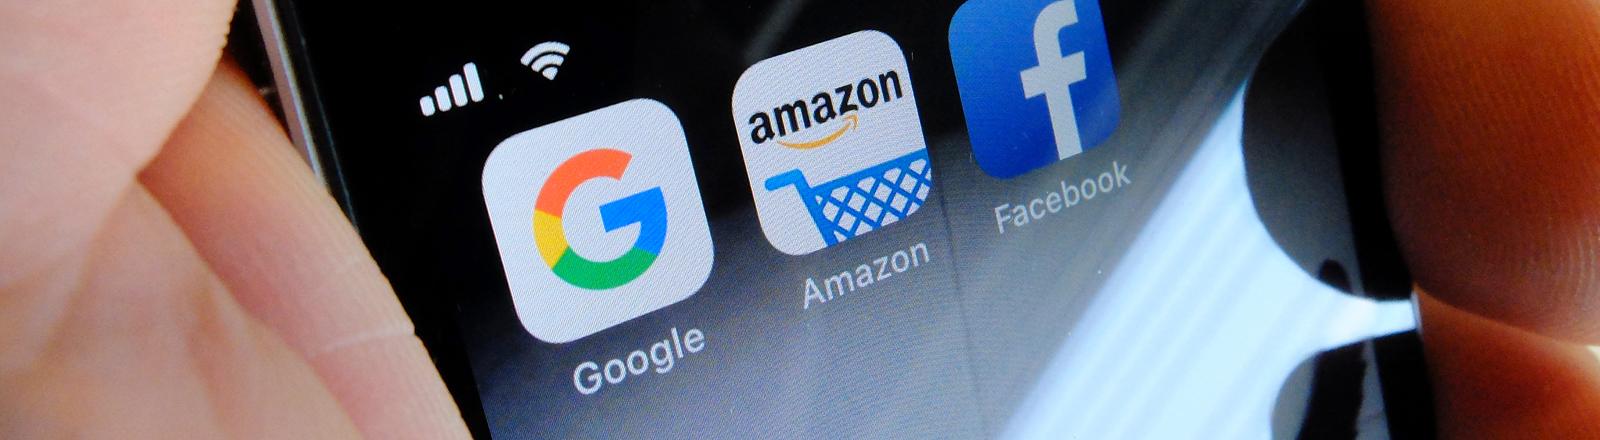 Die Apps con Google, Amazon und Facebook auf einem Smartphone.